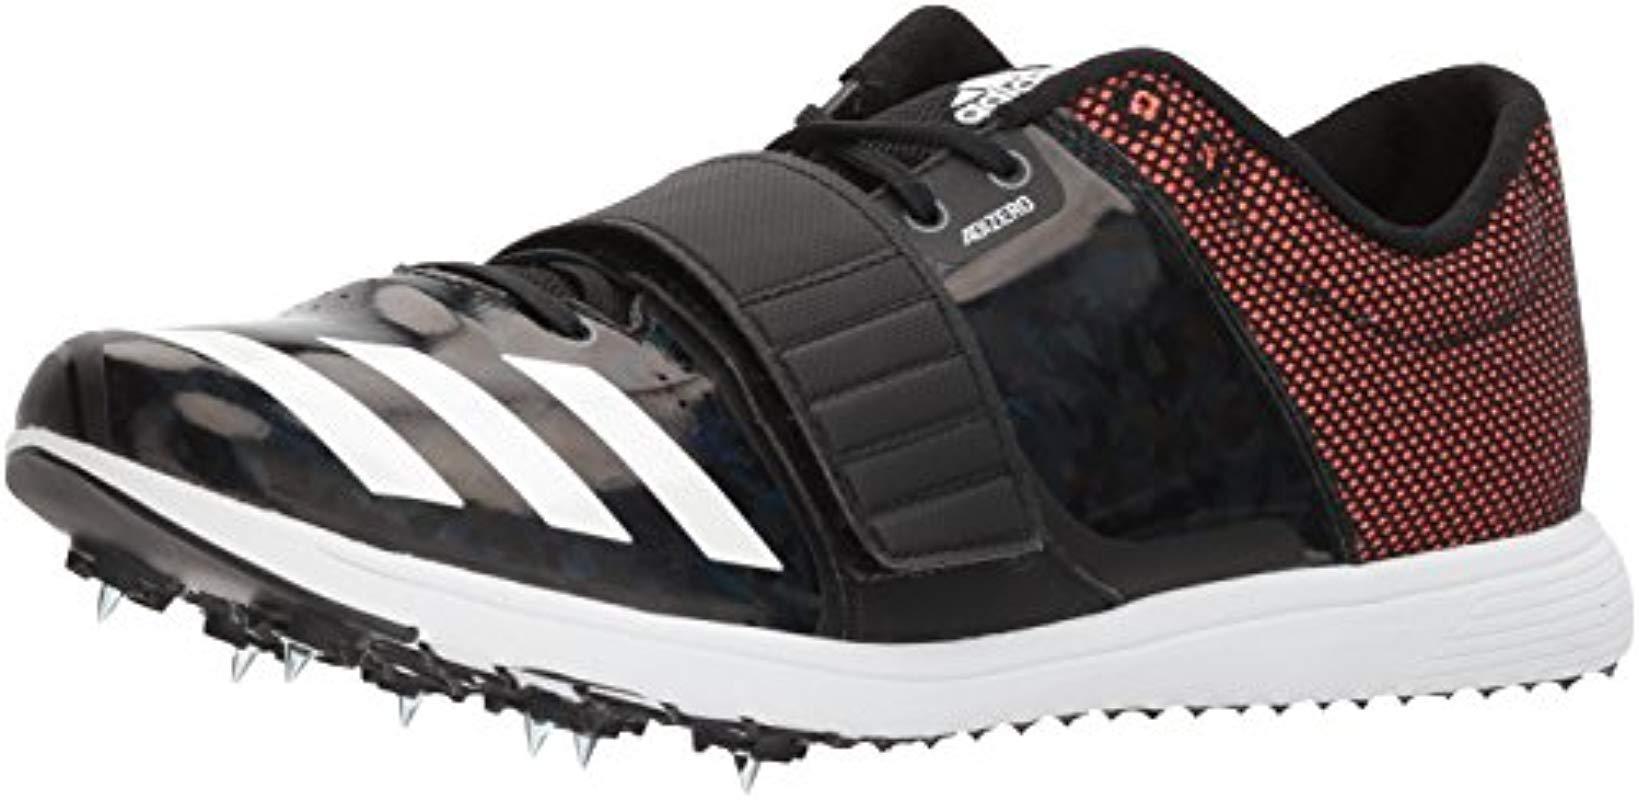 separation shoes be0c4 8fdb0 adidas. Women s Black Adizero Tj pv Running Shoe ...